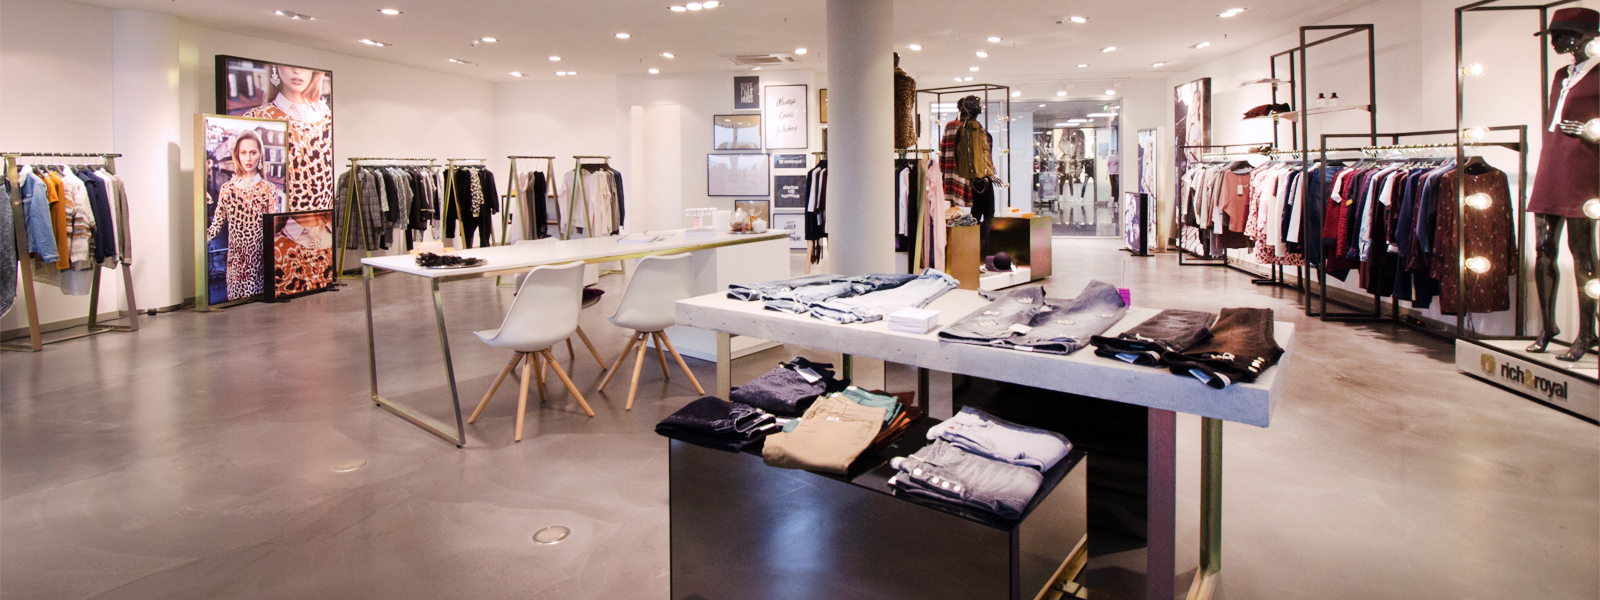 Großhandel Italienische Mode Frankfurt